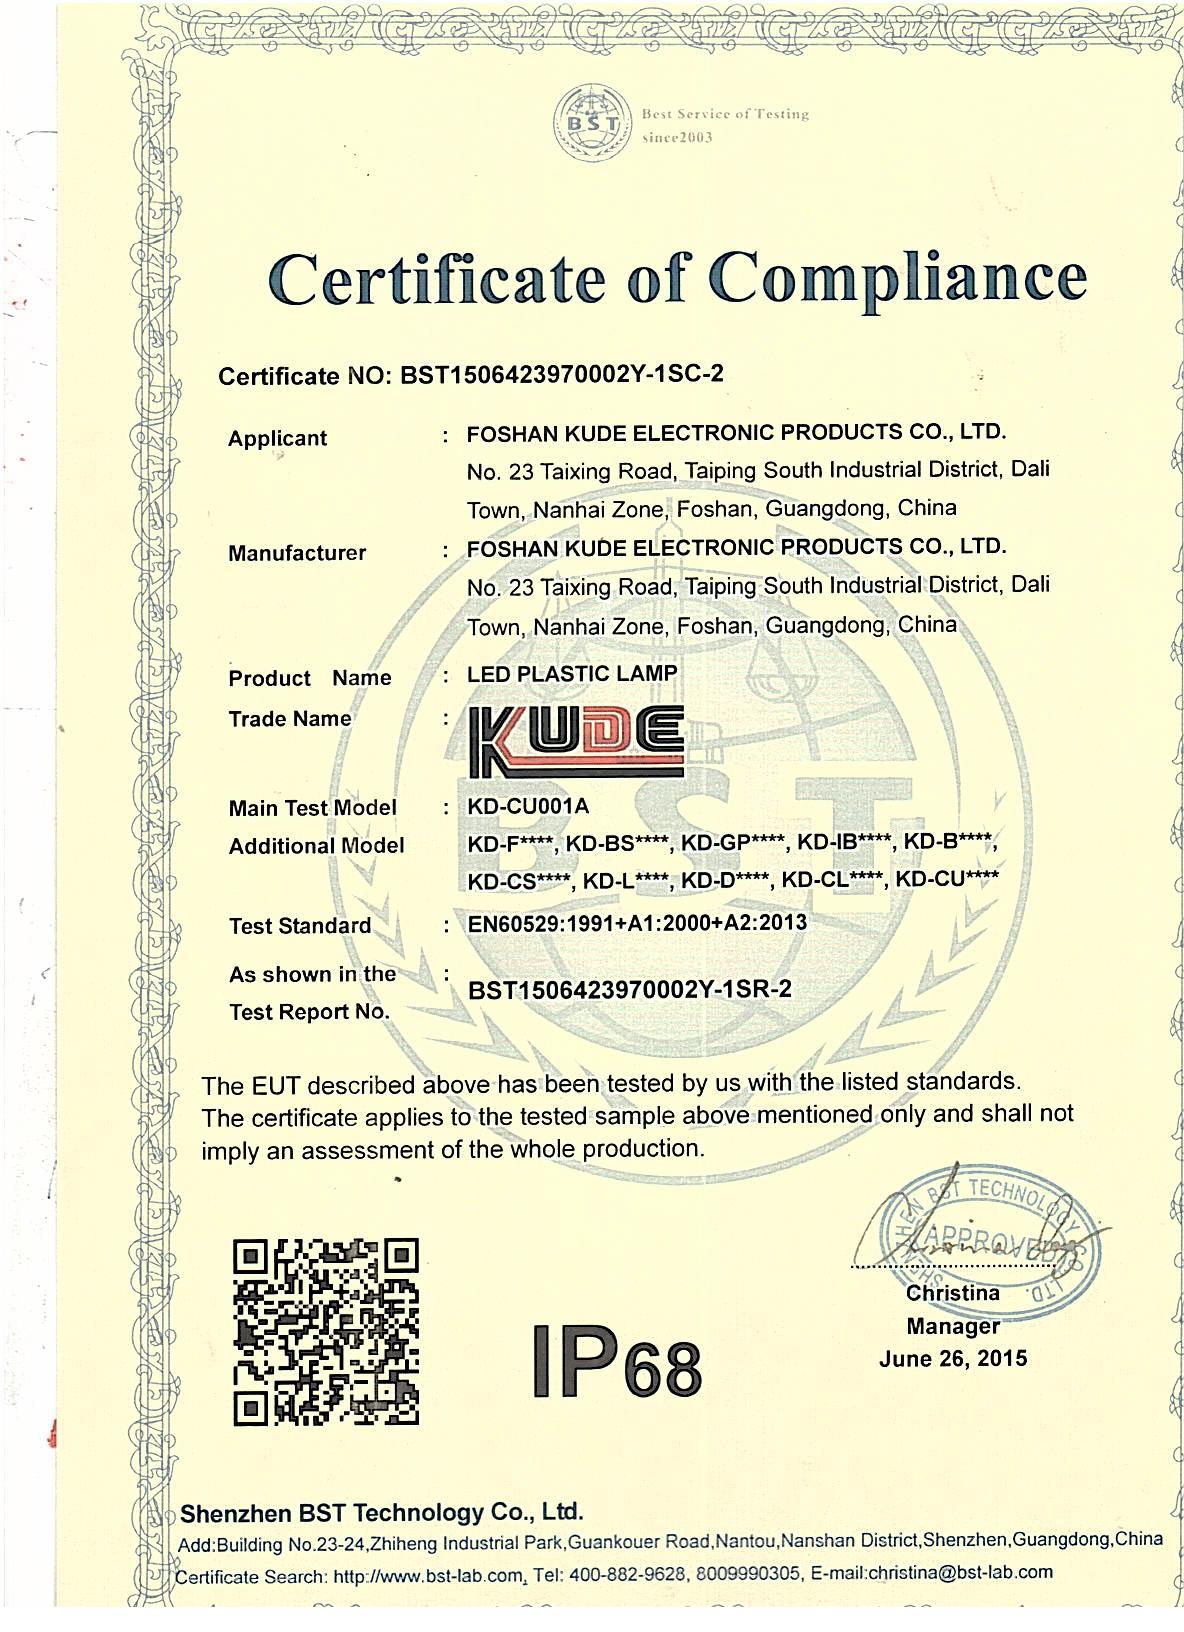 IP68 certificate